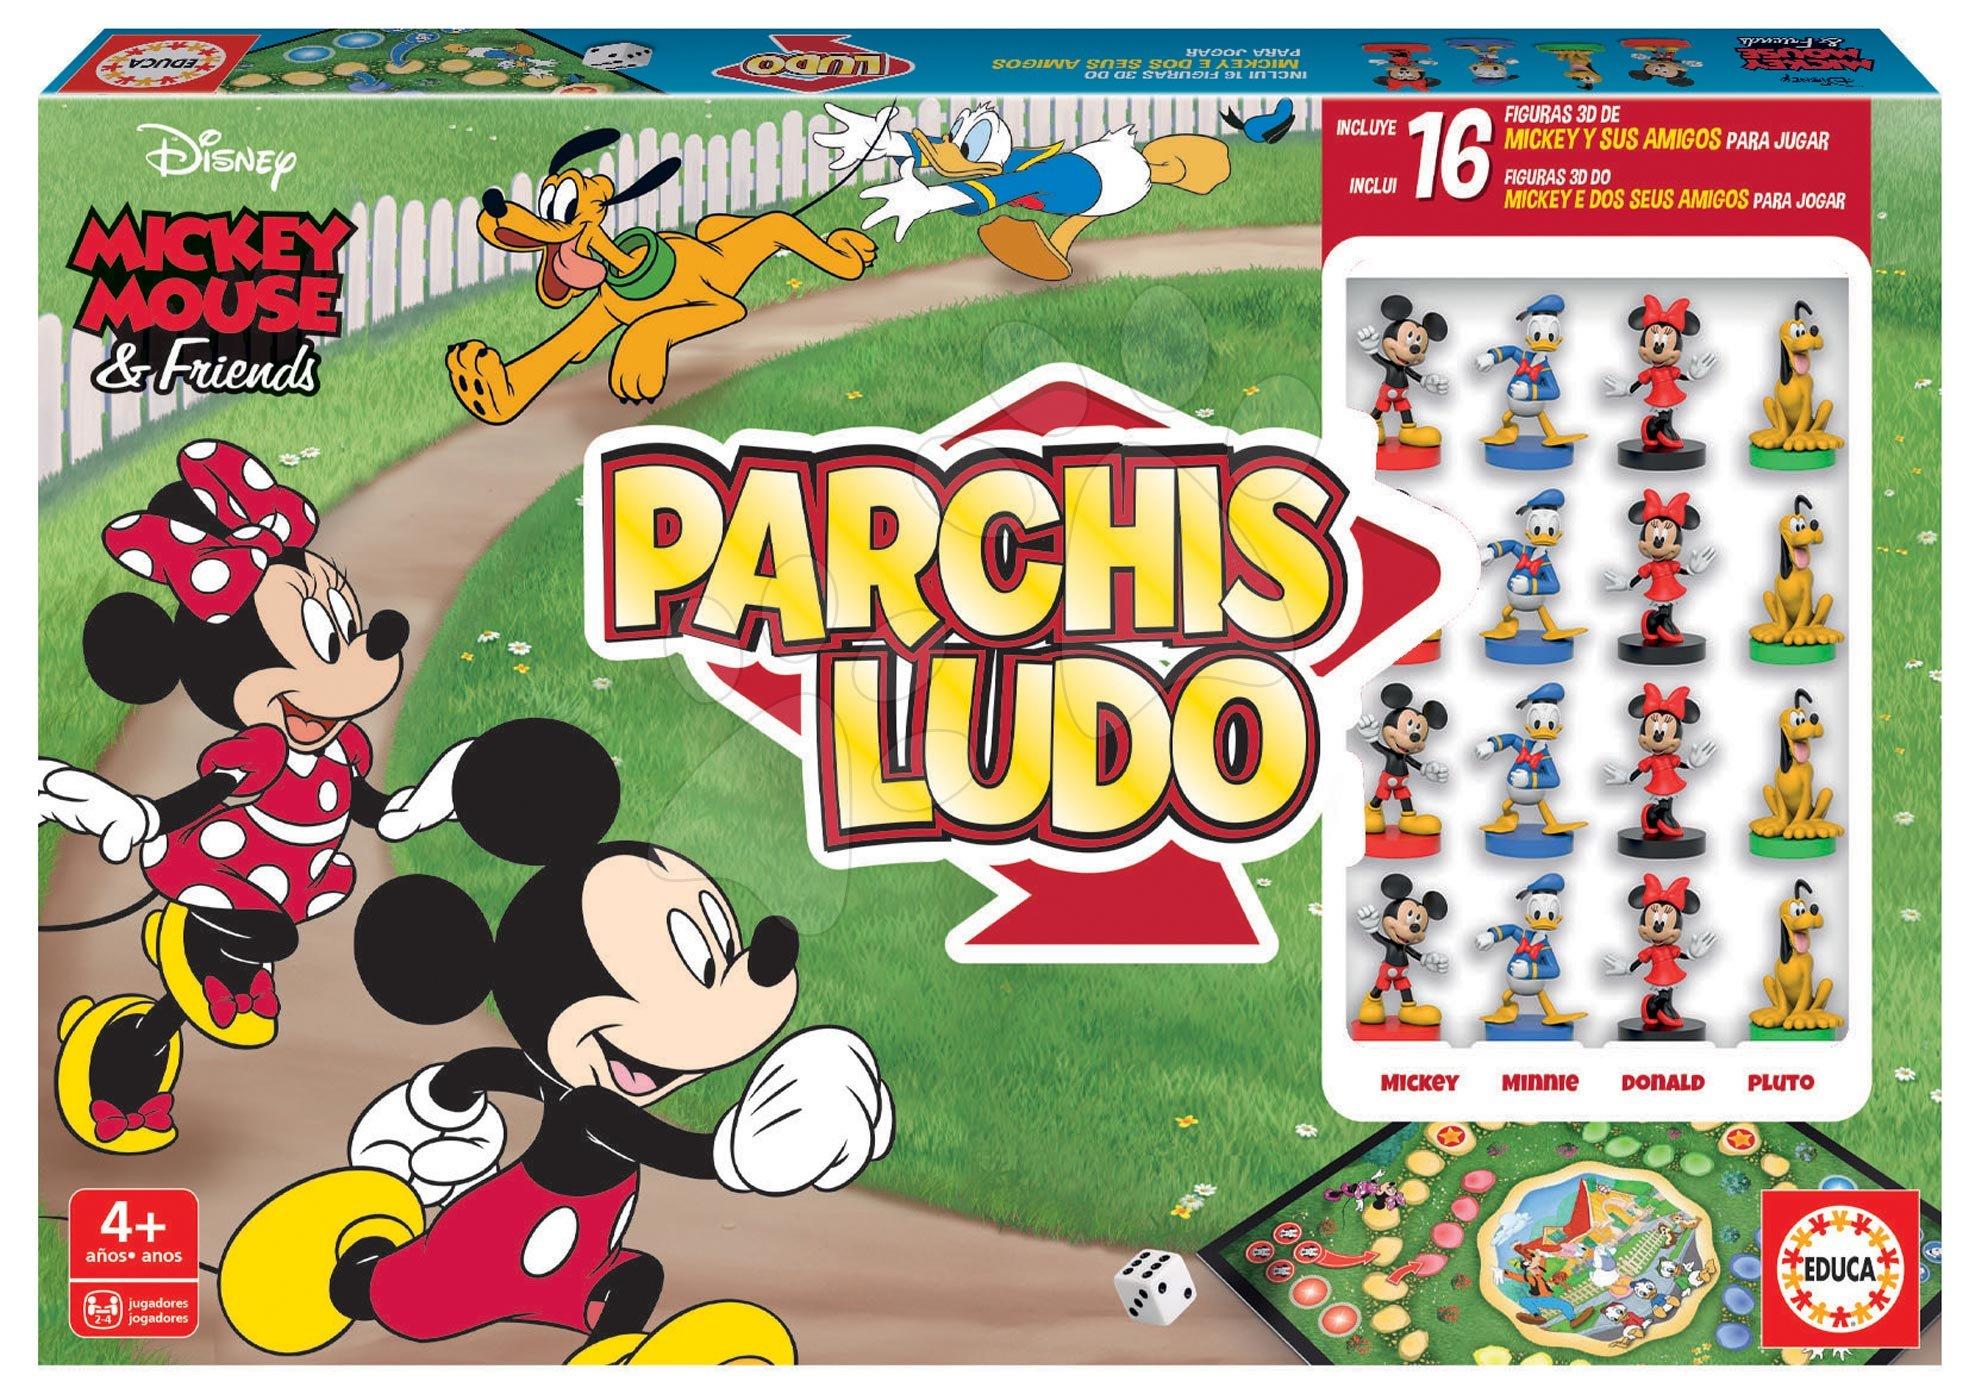 Cudzojazyčné spoločenské hry - Spoločenská hra Parchis Mickey Disney Educa Človeče, nezlob se so 16 figúrkami od 4 rokov španielsky